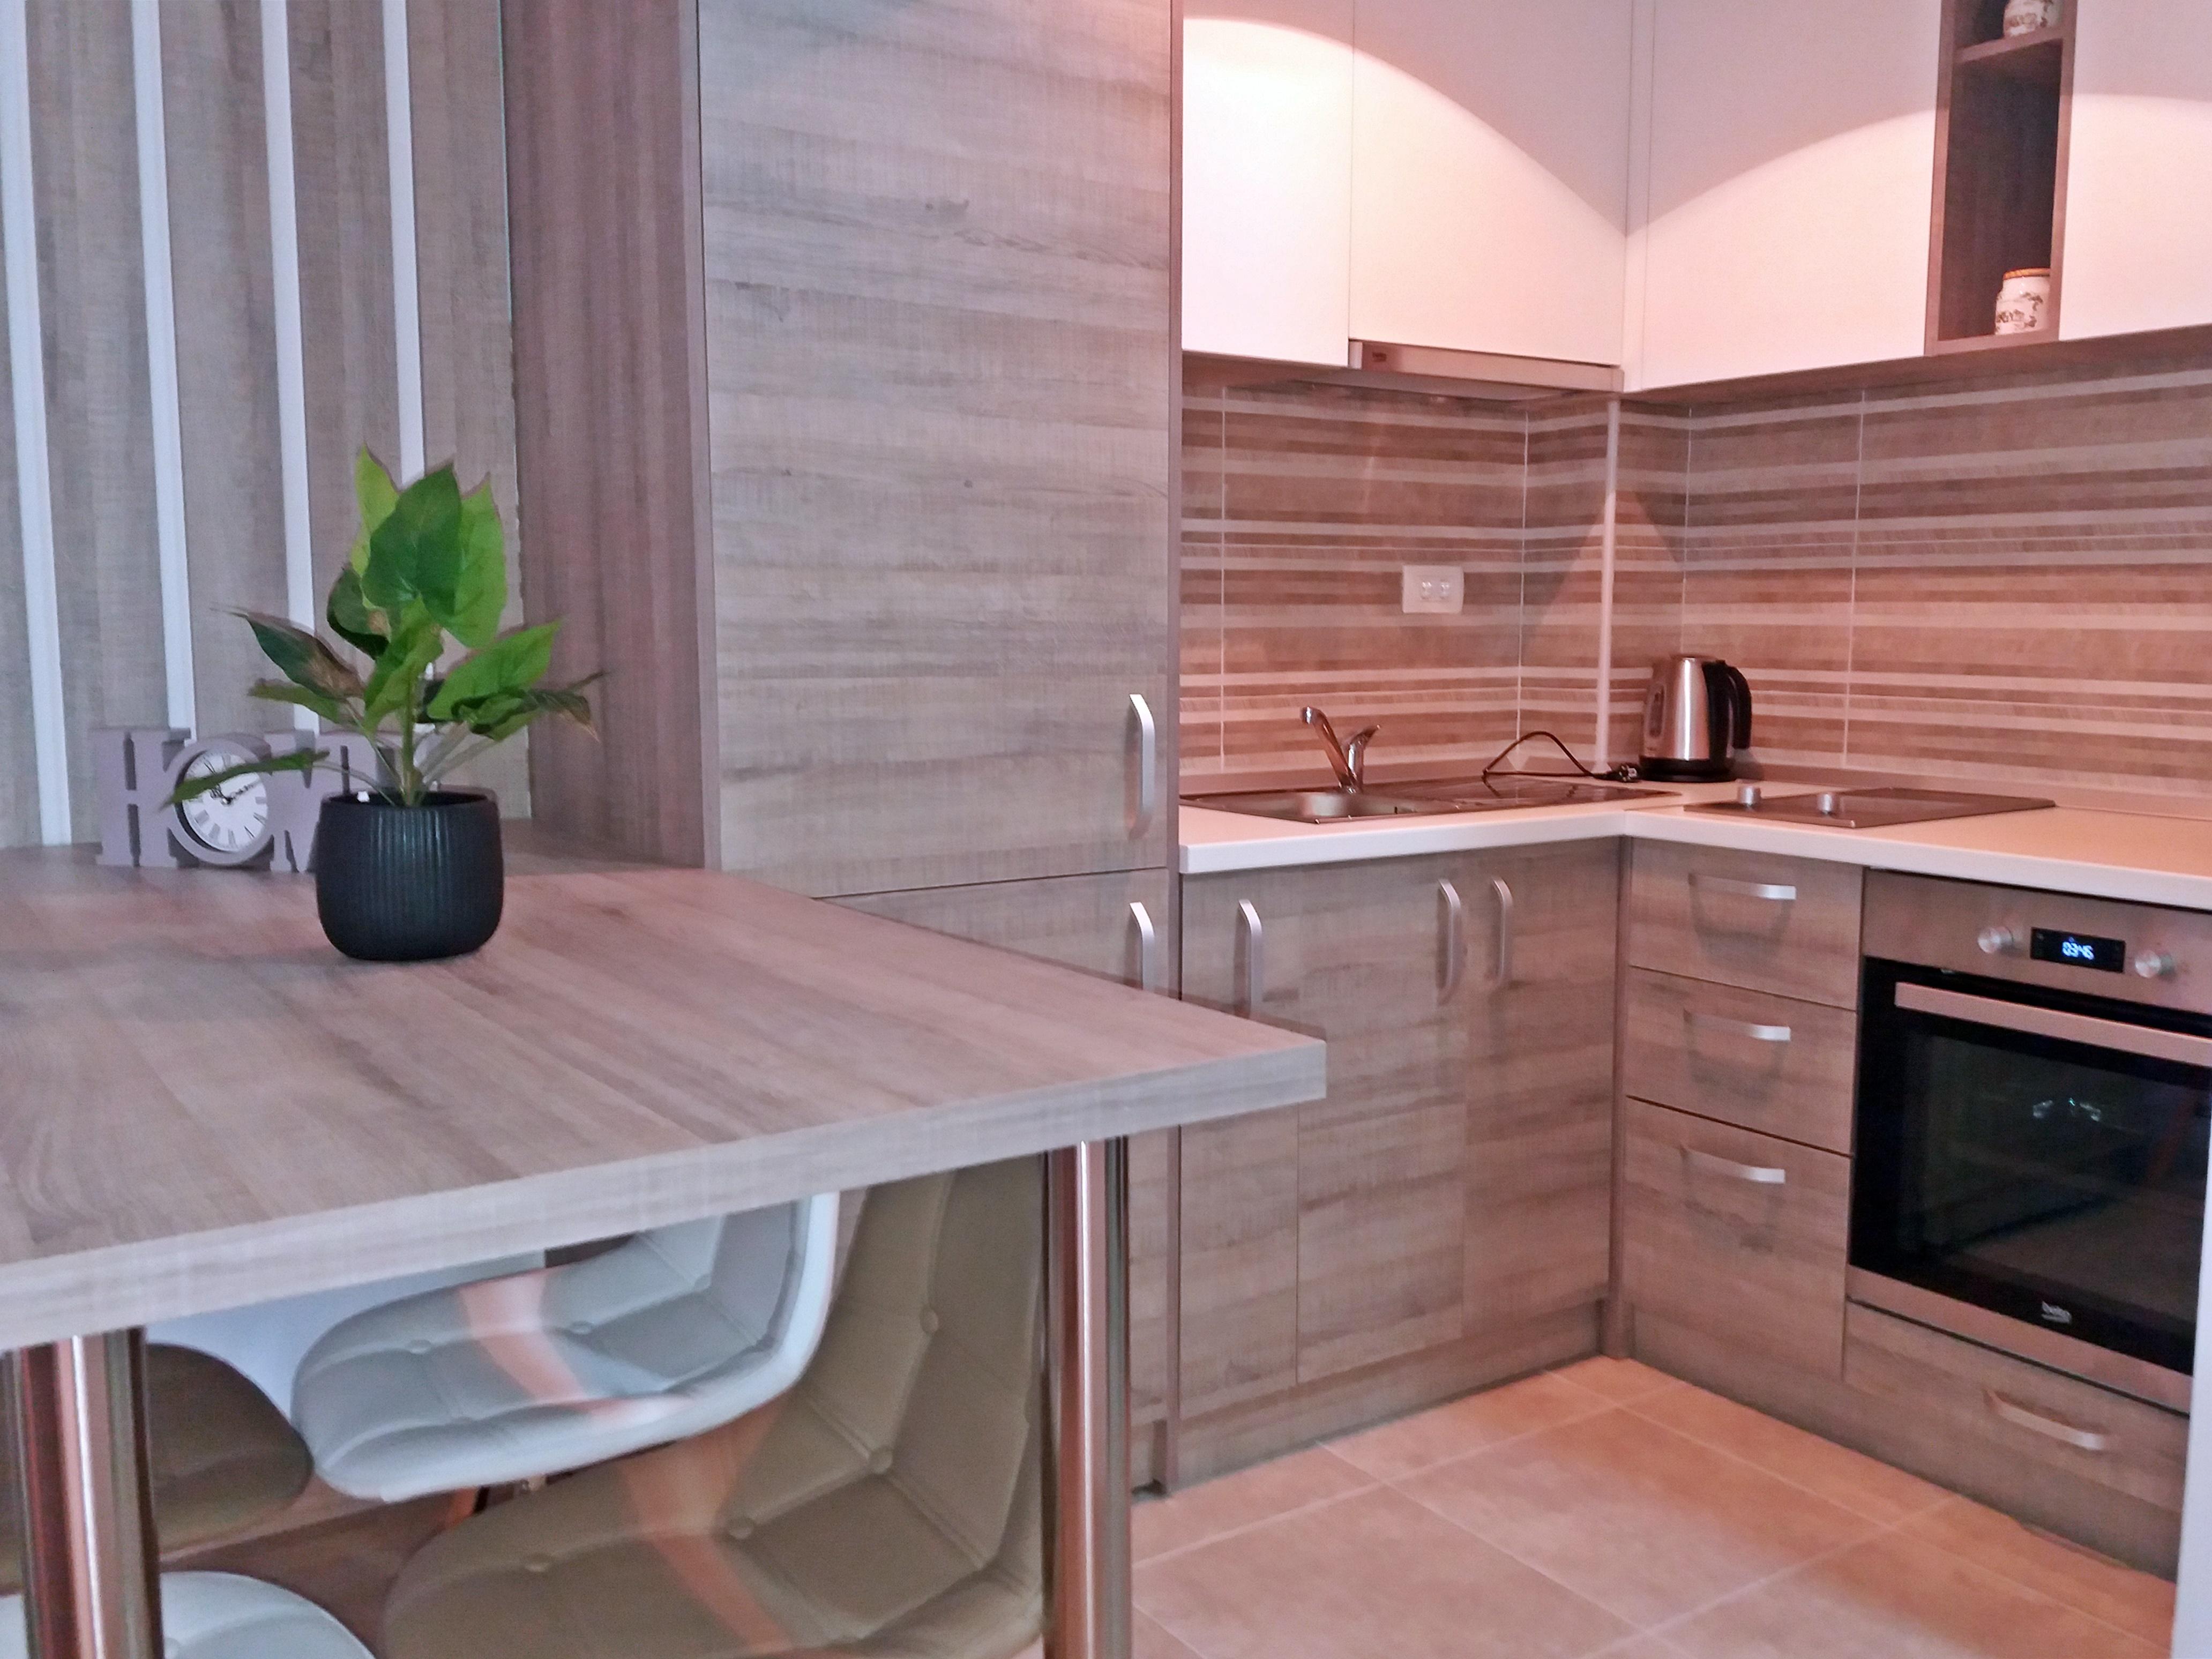 NewLine Montenegro - Luxury City one bedroom apartment C56 - Slika 4